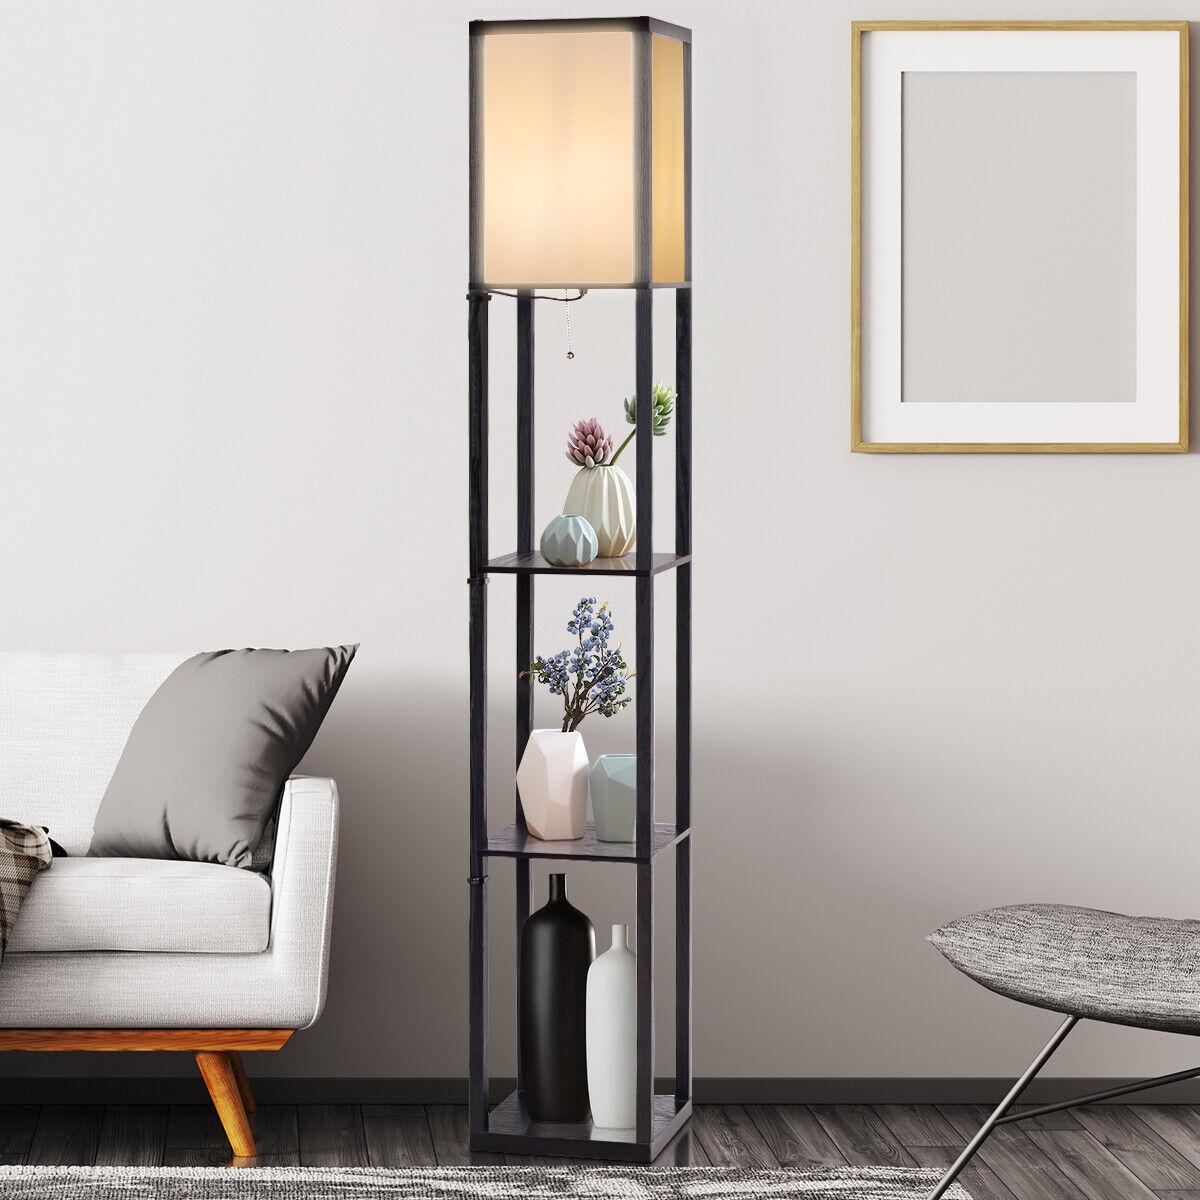 Standleuchte Stehlampe Moderne Innenbeleuchtung Bodenlampe 3-Ebene Regal